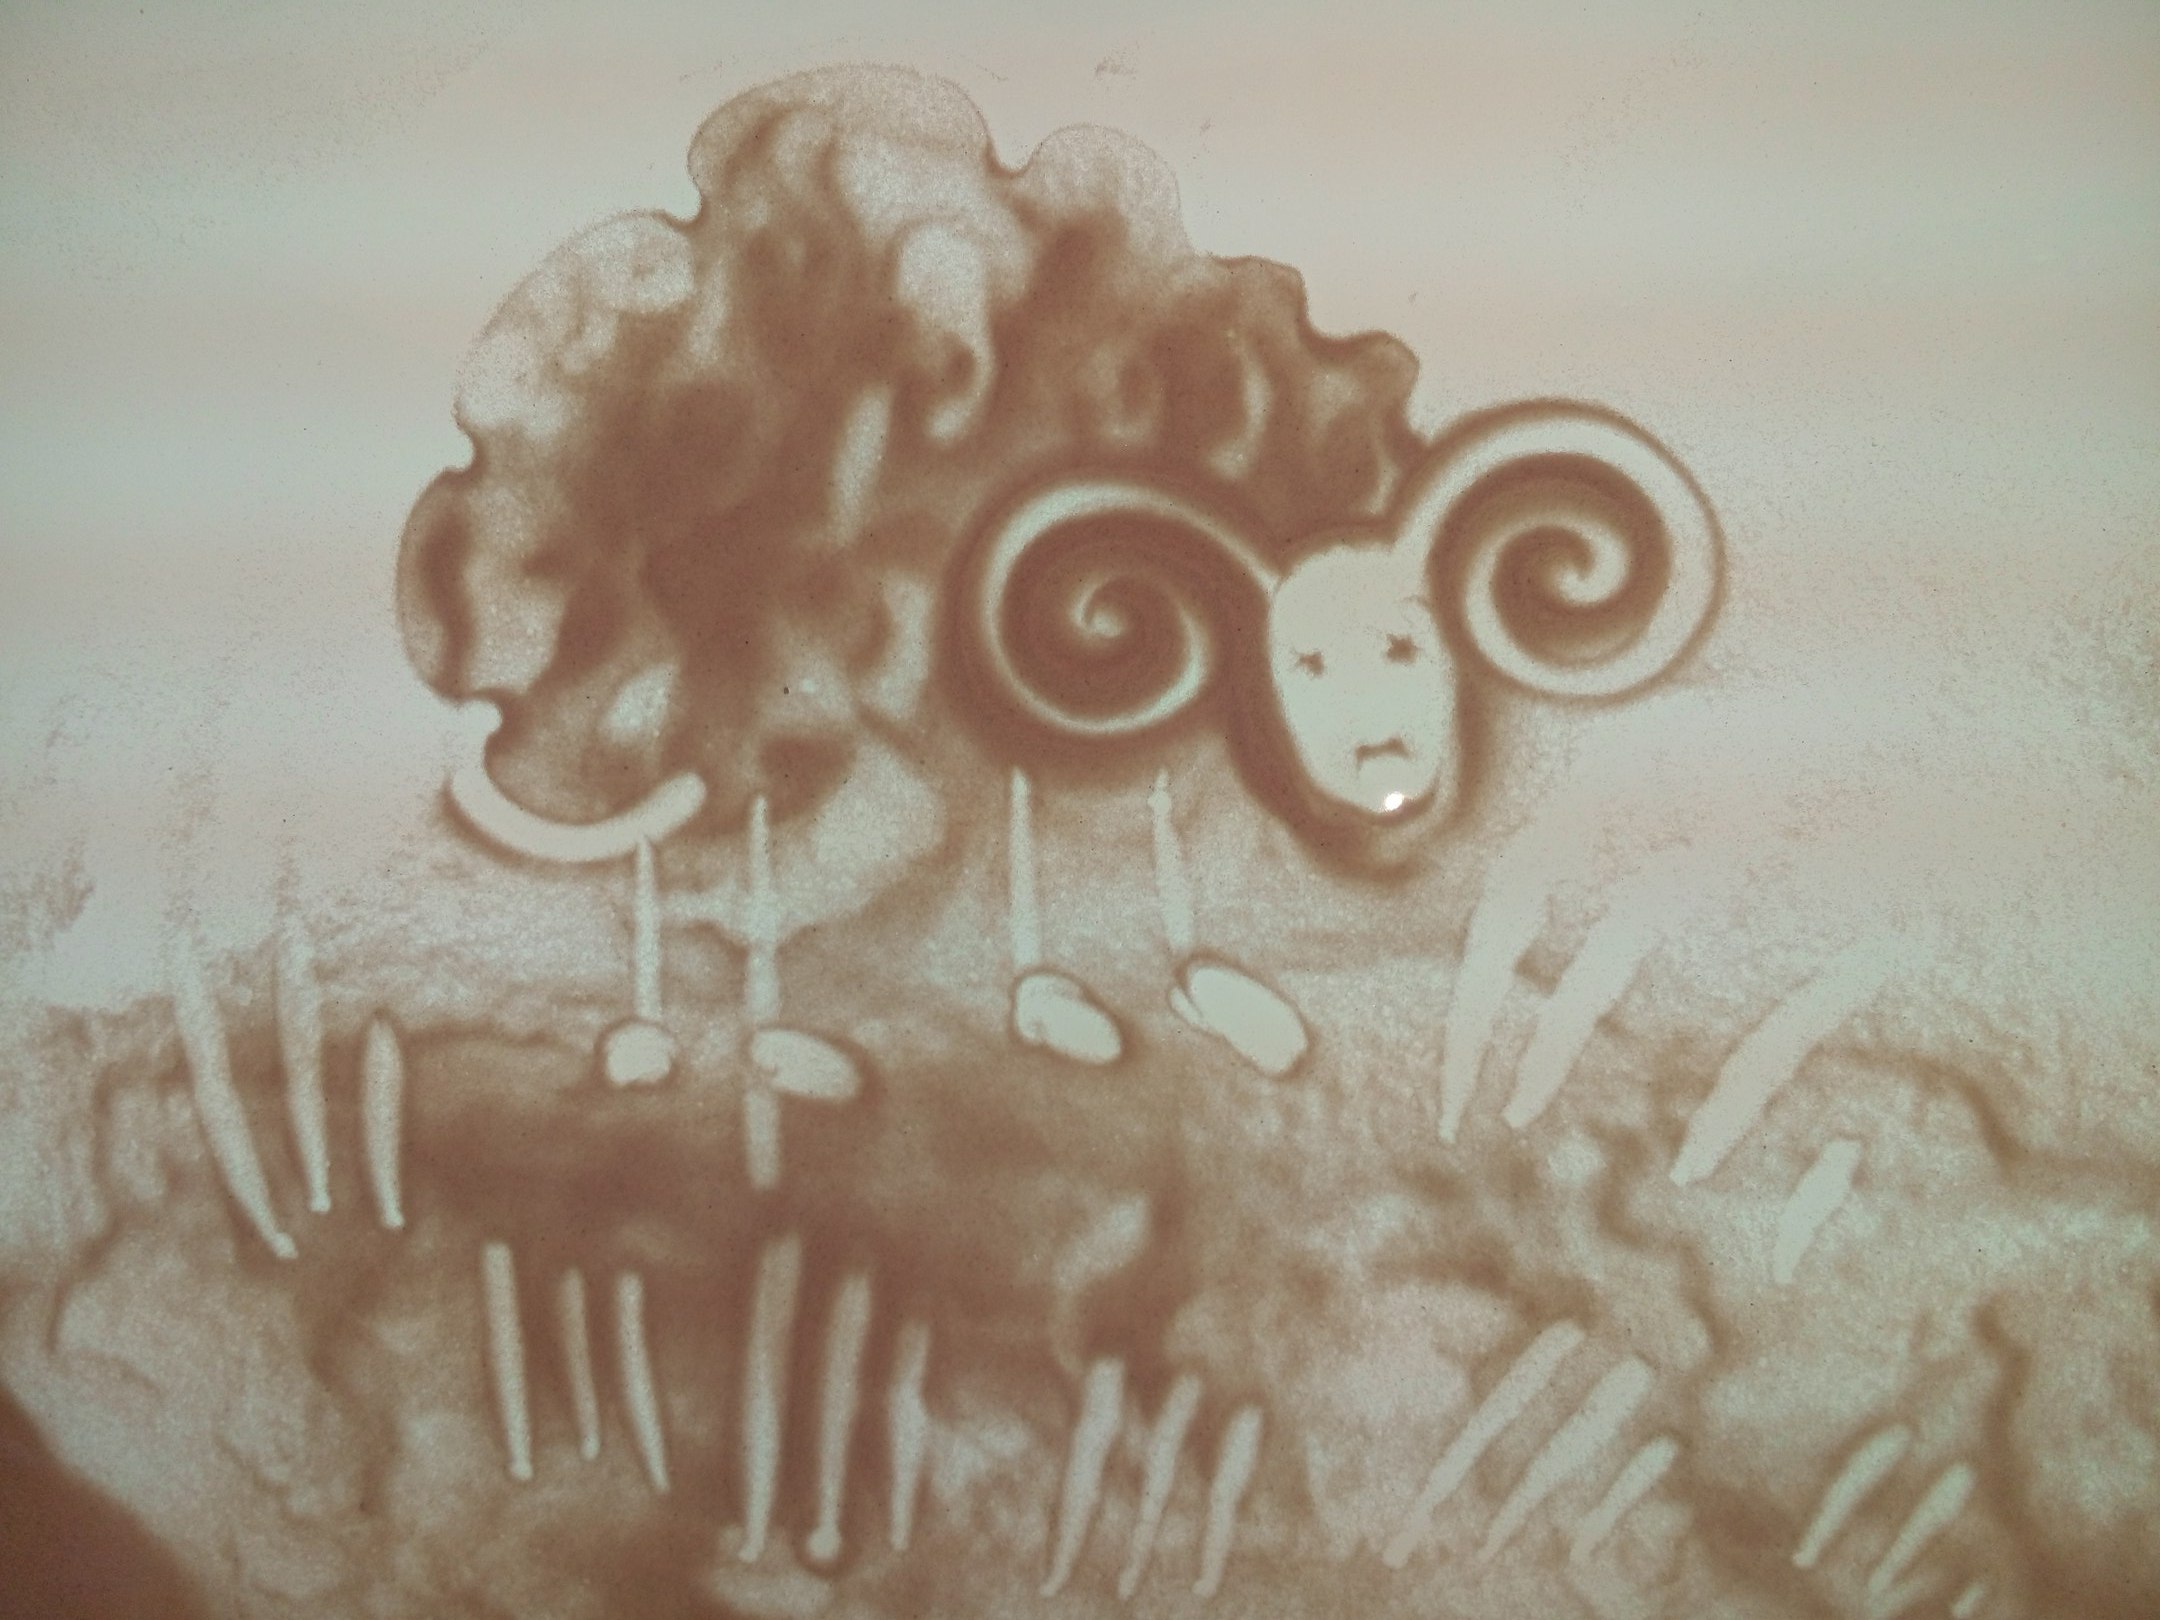 песочная анимация для детей, Запорожье, песочная терапия